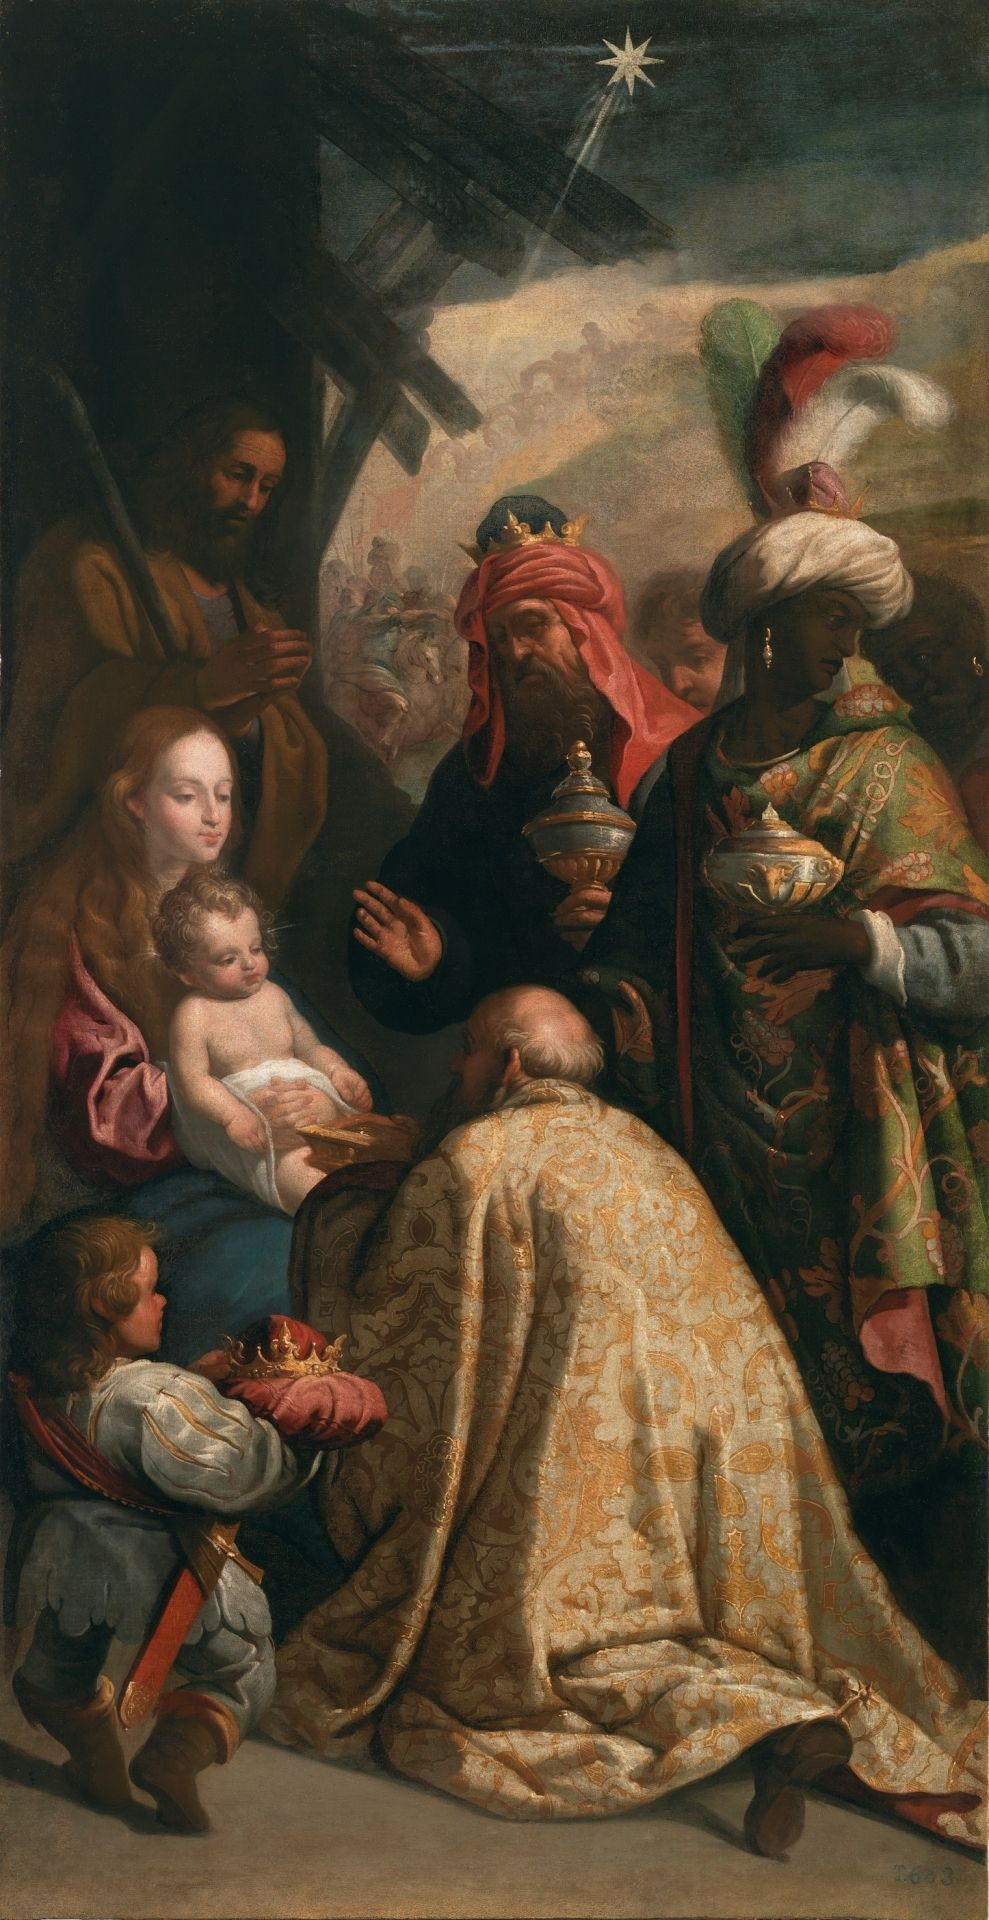 Adoration Of The Magi Adoracion De Los Reyes Magos Siglo Xvii Eugenio Cajes Jesus Christ Epi Produccion Artistica Magos De Oriente Obras De Arte